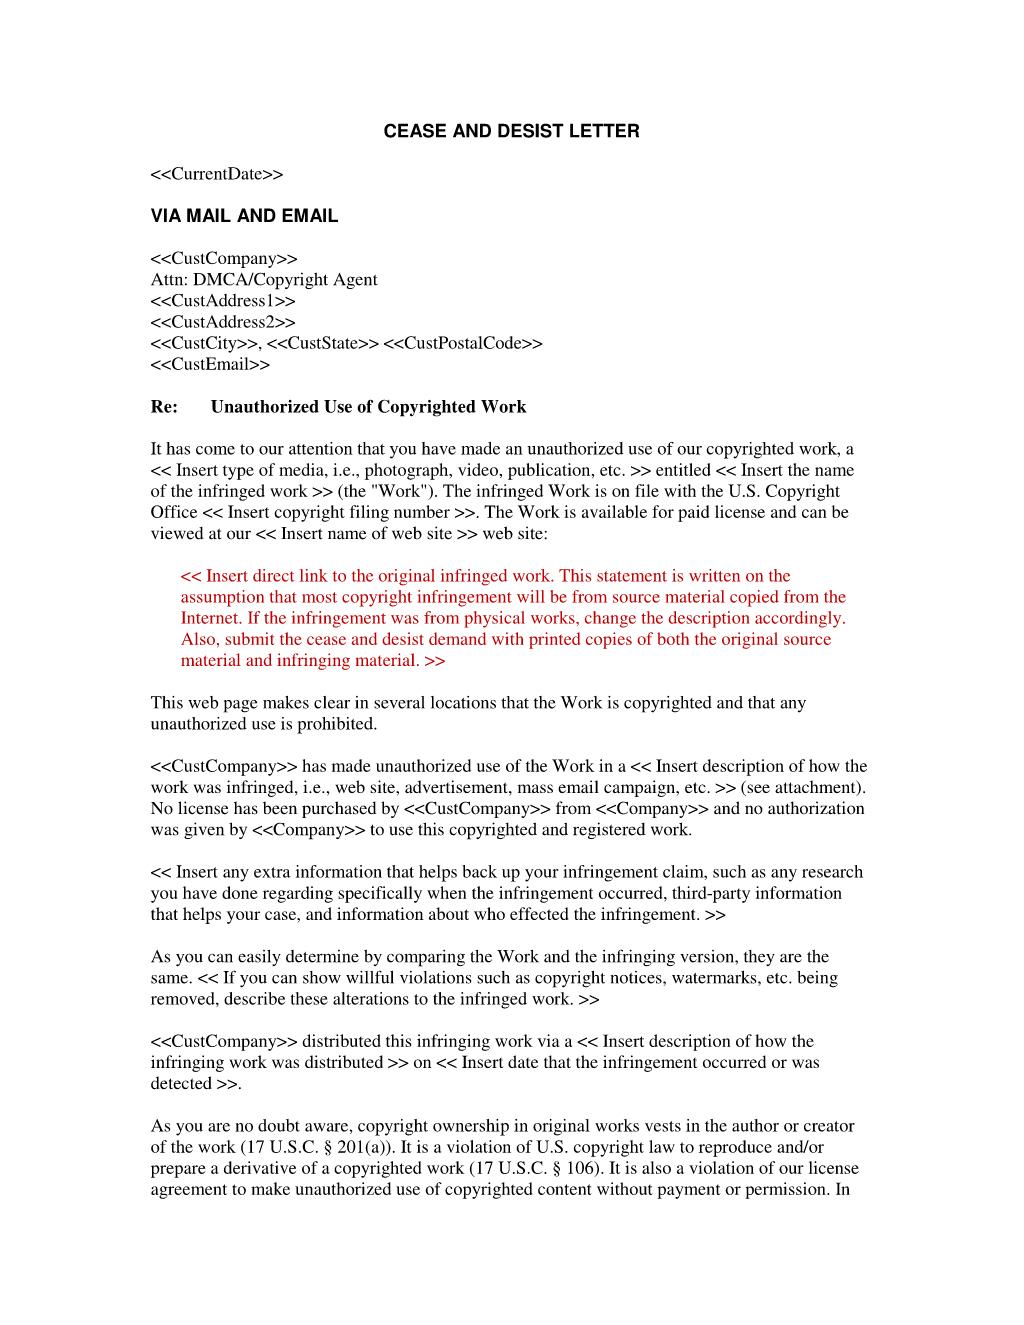 Cease and Desist Letter Patent Infringement Template - 20 Best Trademark Infringement Letter Template Uk Pics